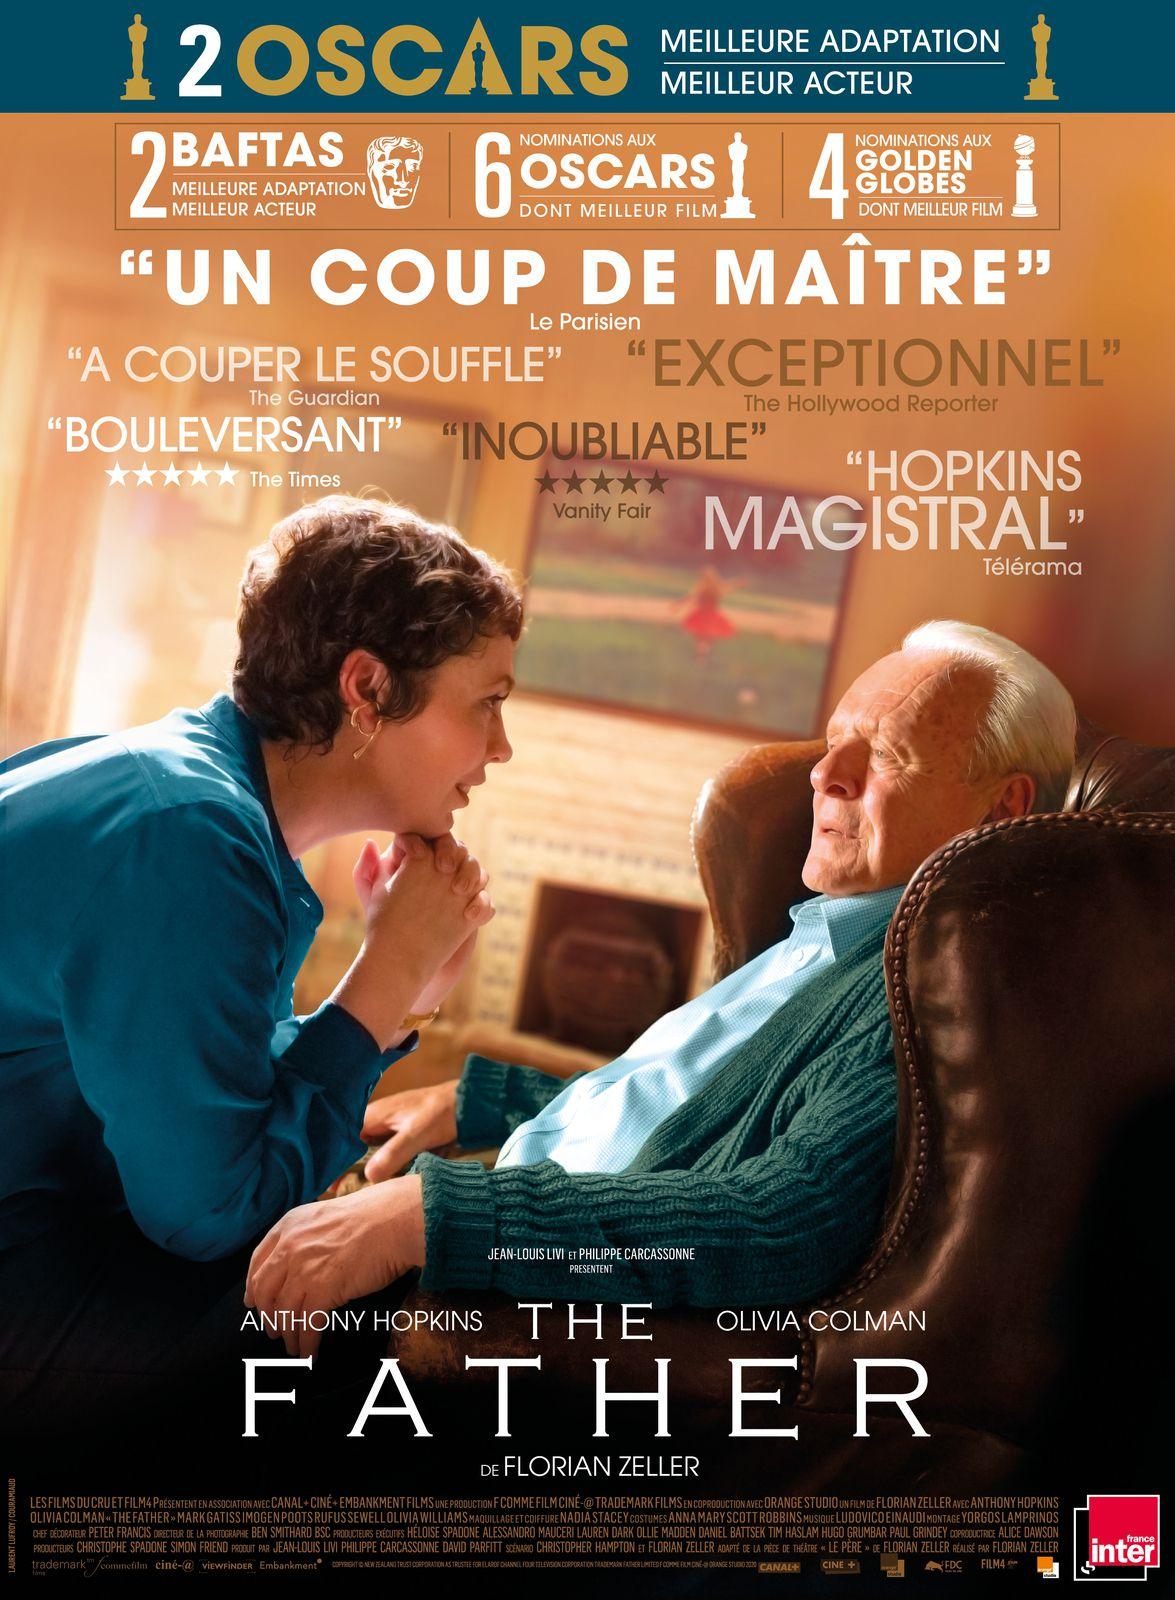 THE FATHER - 2 récompenses aux Oscars 2021 pour Anthony Hopkins, Florian Zeller